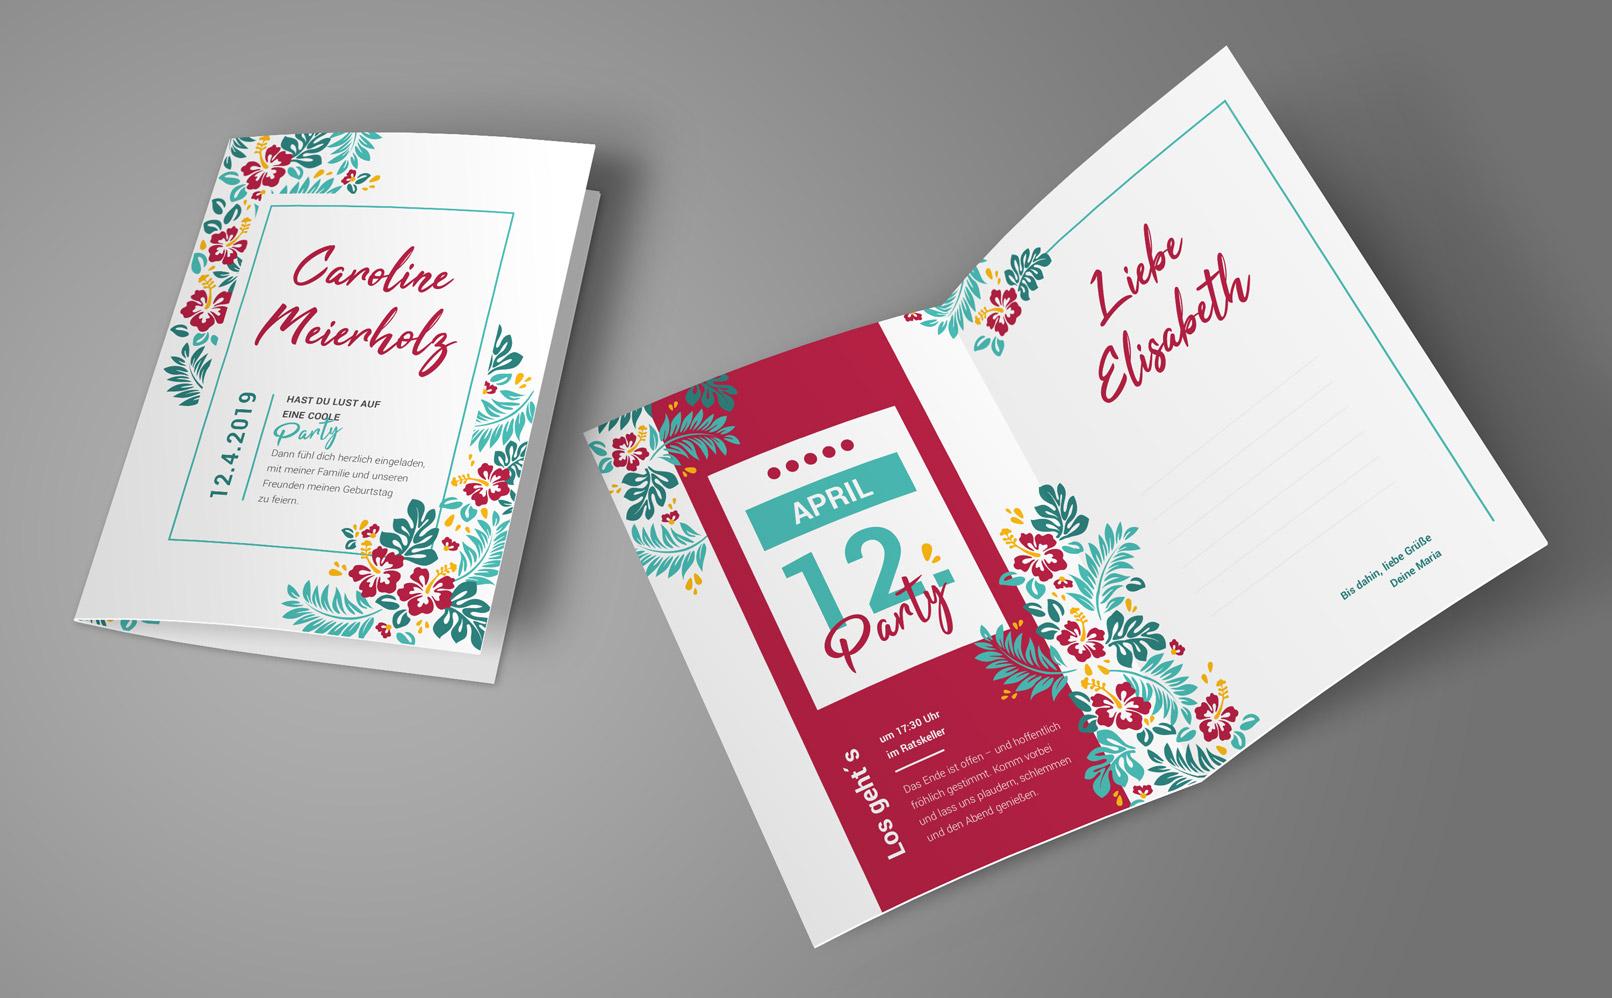 Einladungskarten Geburtstag Gestalten Einladungskarten: Geburtstagseinladungen Selbst Gestalten